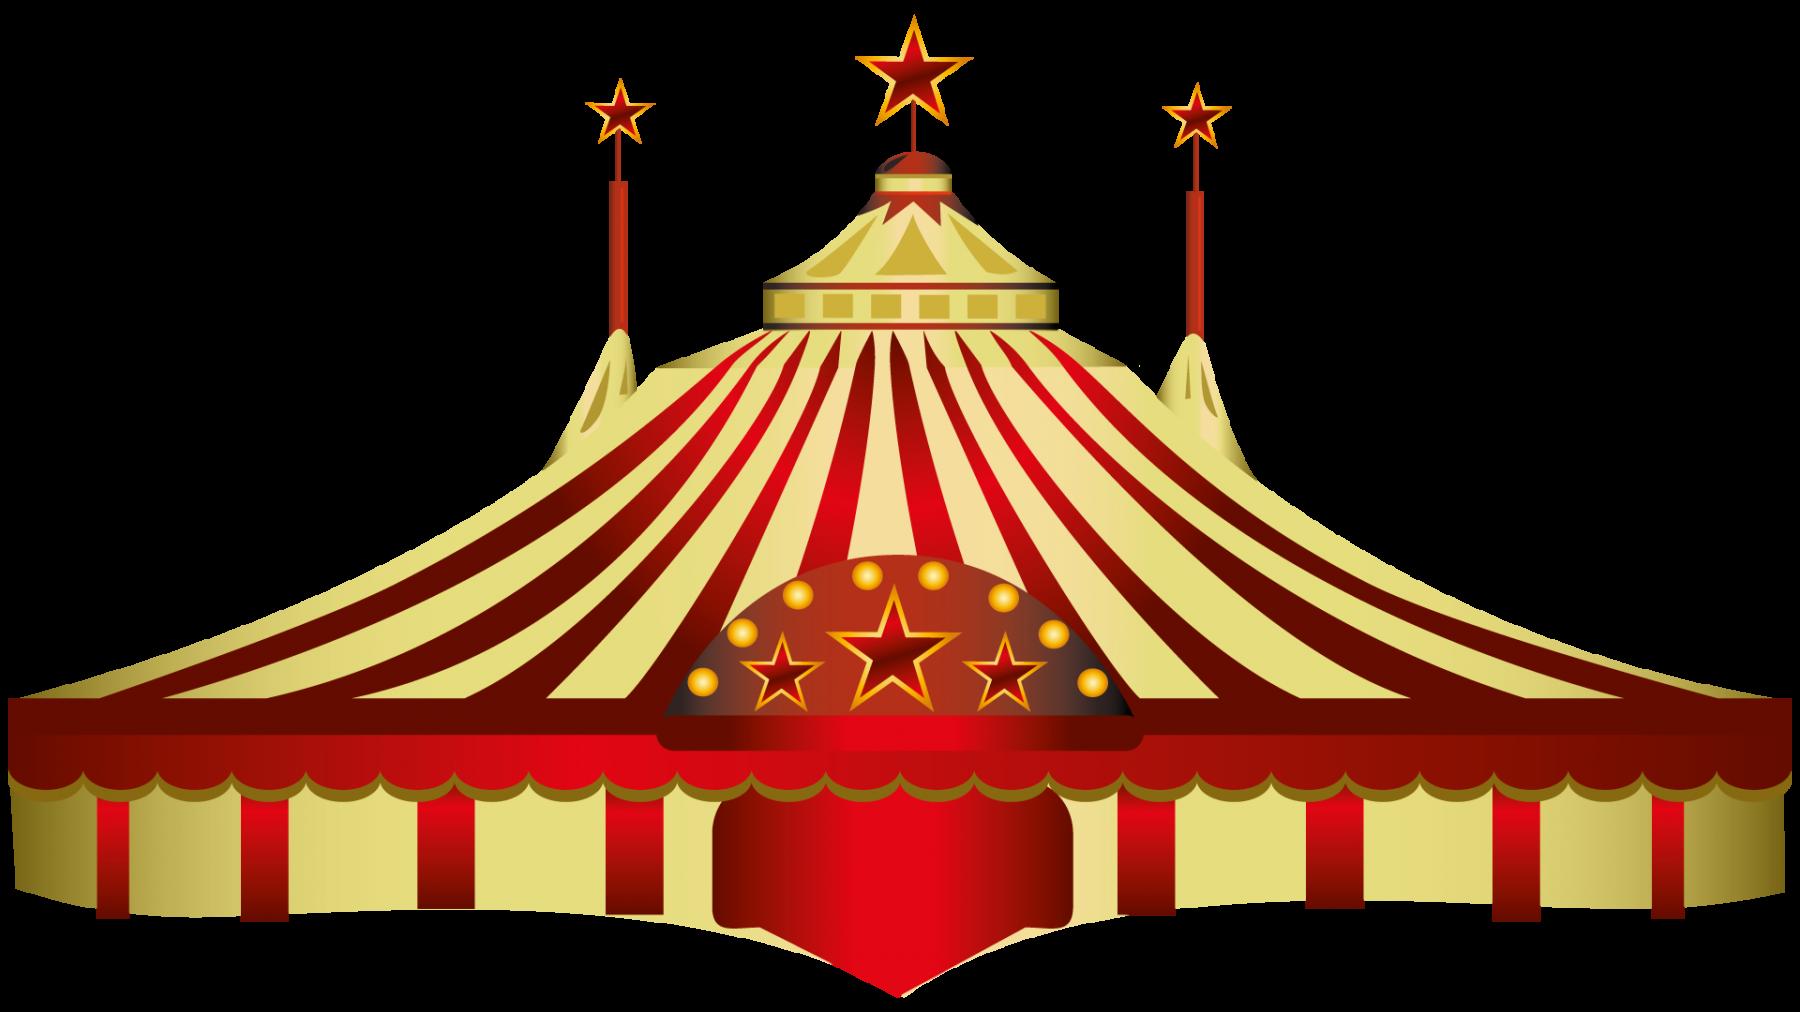 Cirque saint andr commune de saint andr de lidon - Dessin d un chapiteau de cirque ...